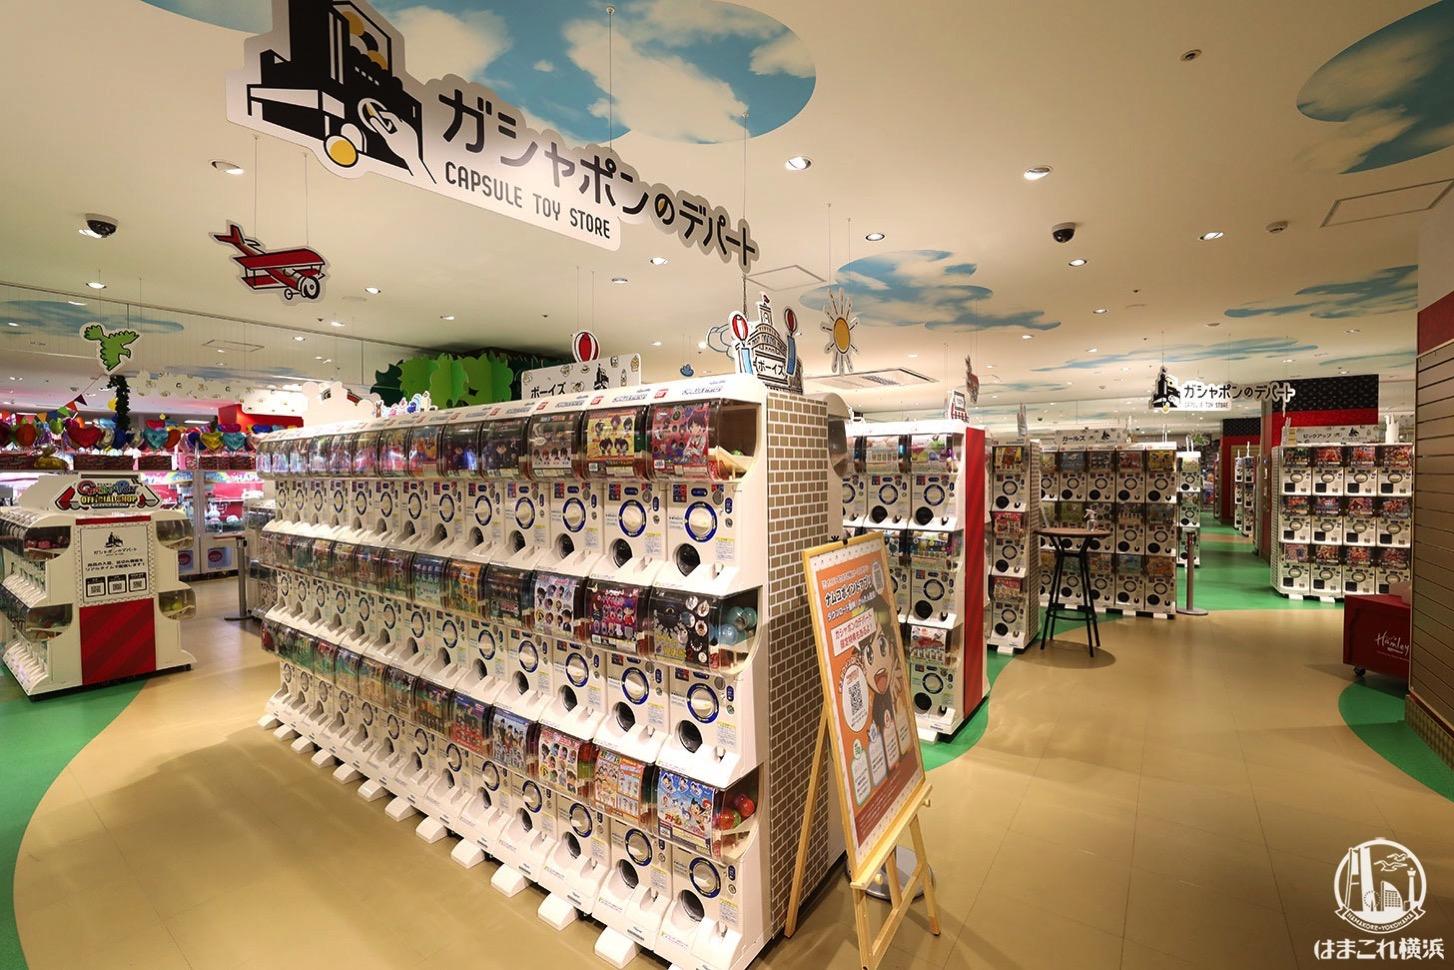 ガシャポンのデパート 横浜ワールドポーターズ店 ガシャポン 店内雰囲気